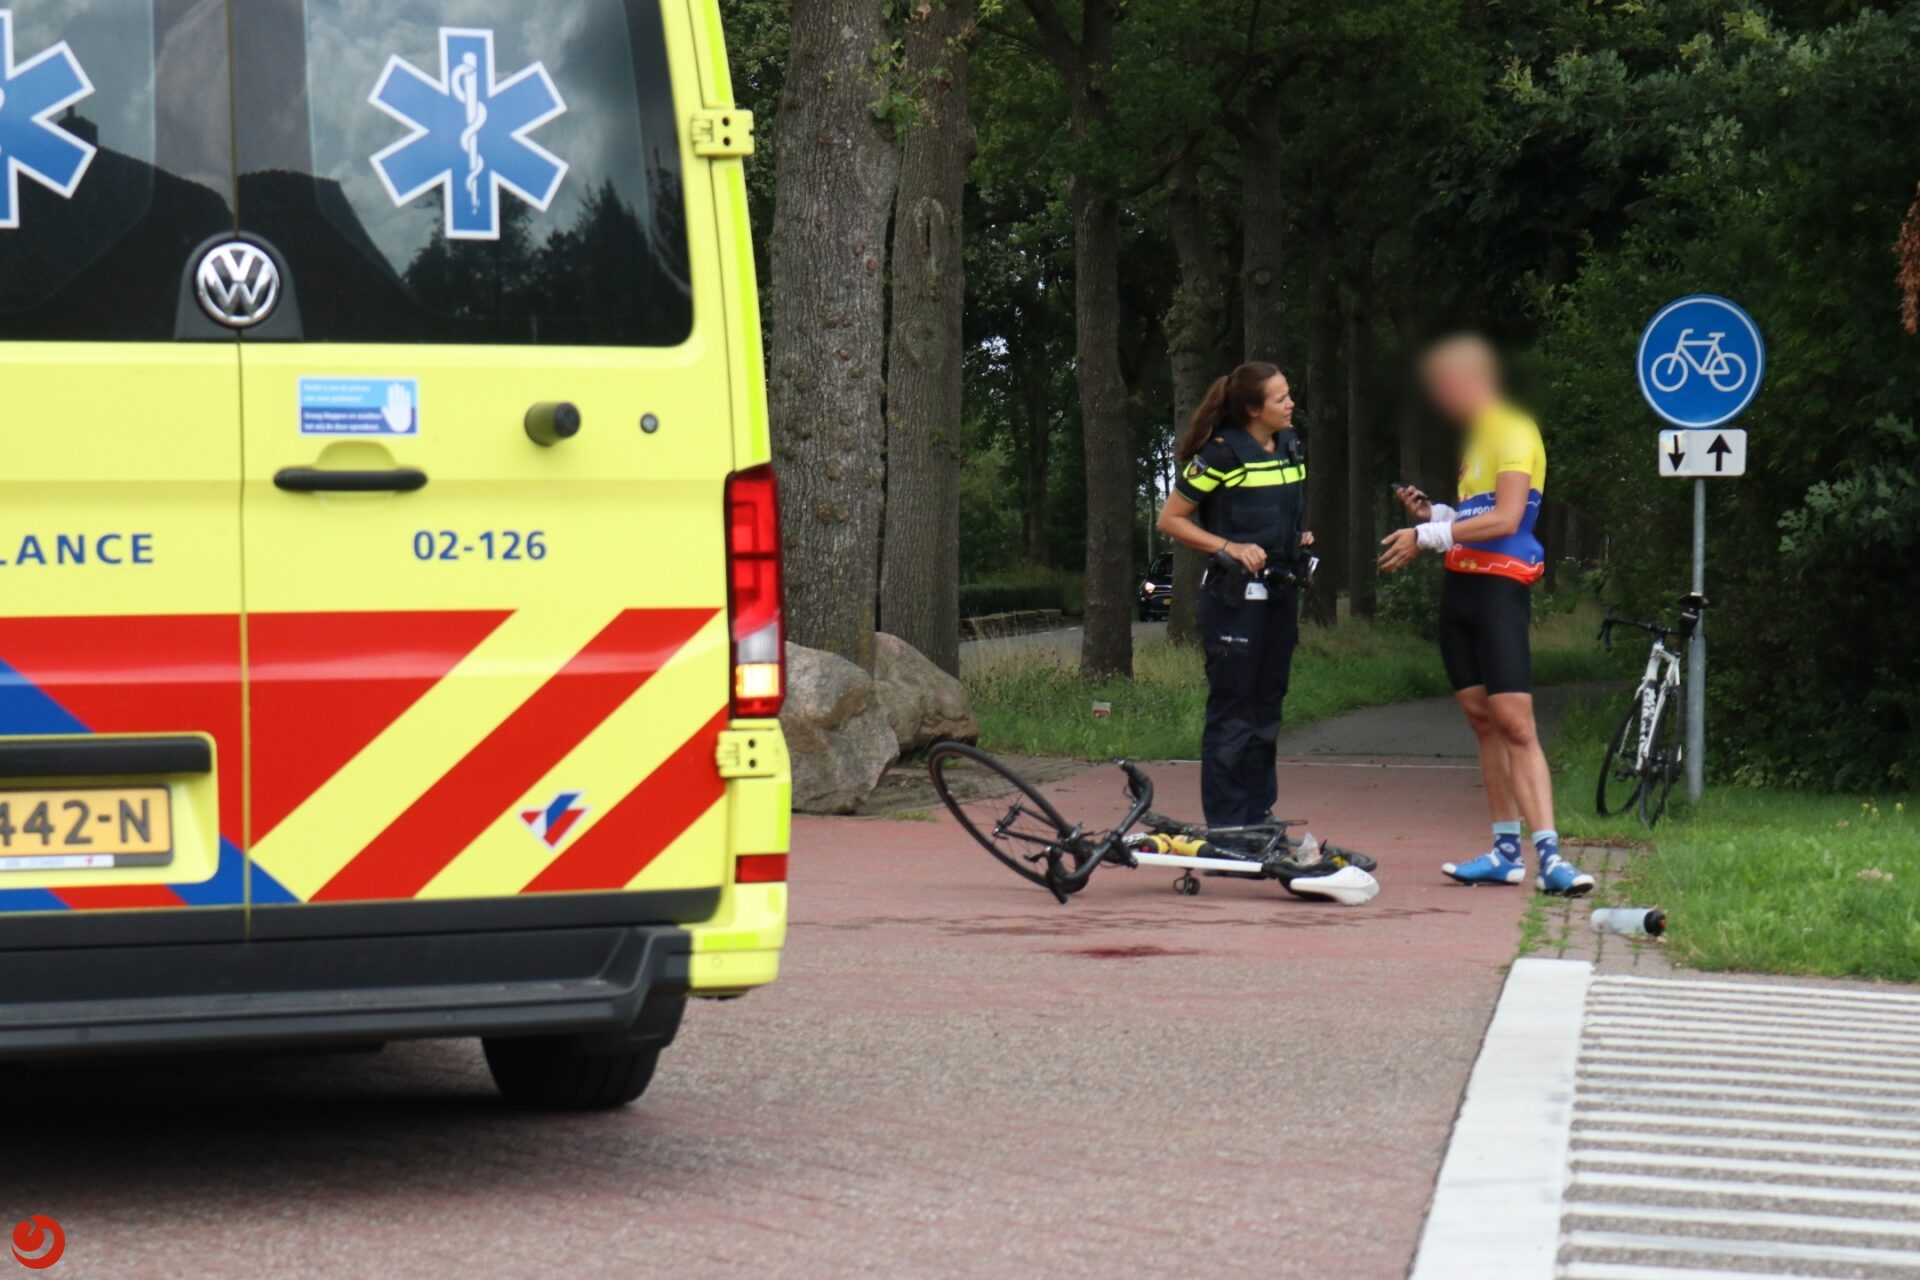 Wielrenner gewond na botsing met personenauto in Drachtstercompagnie